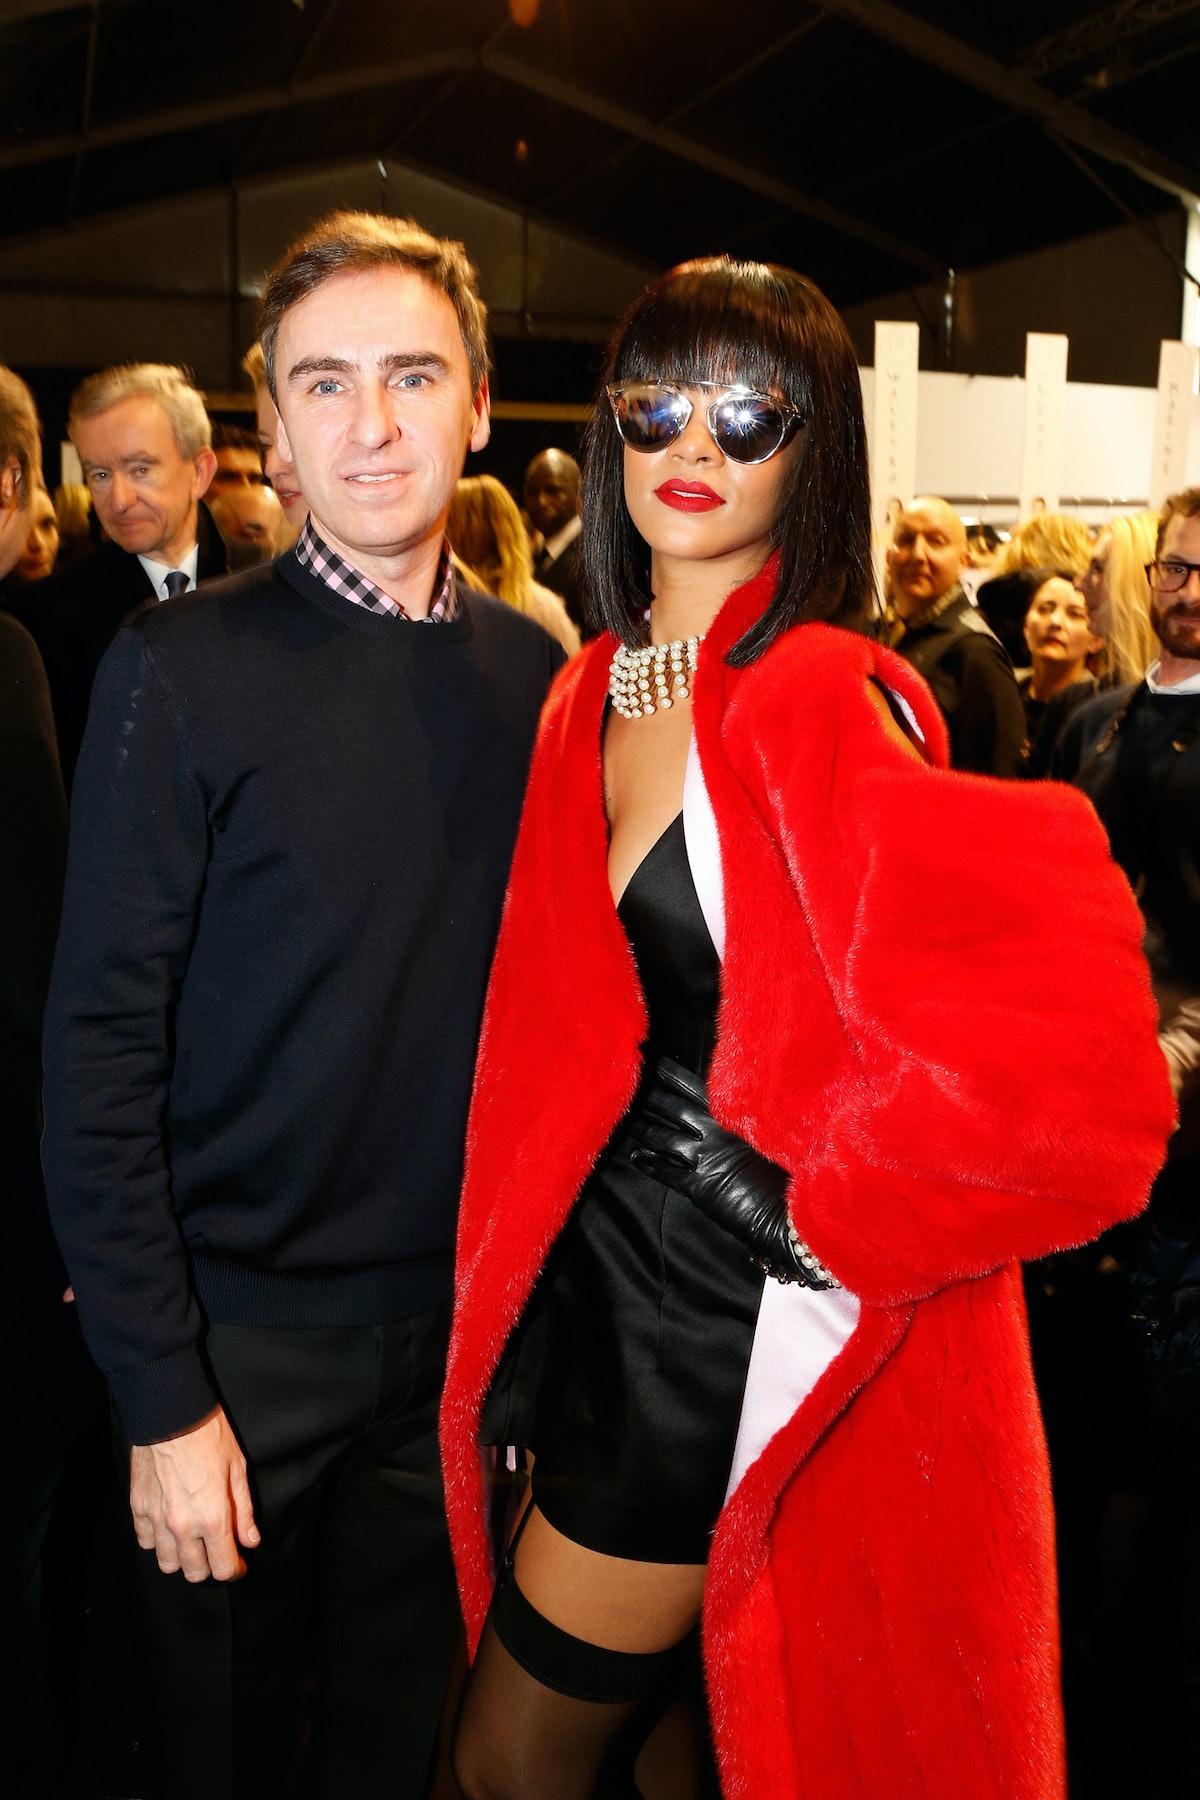 Raf Simons and Rihanna